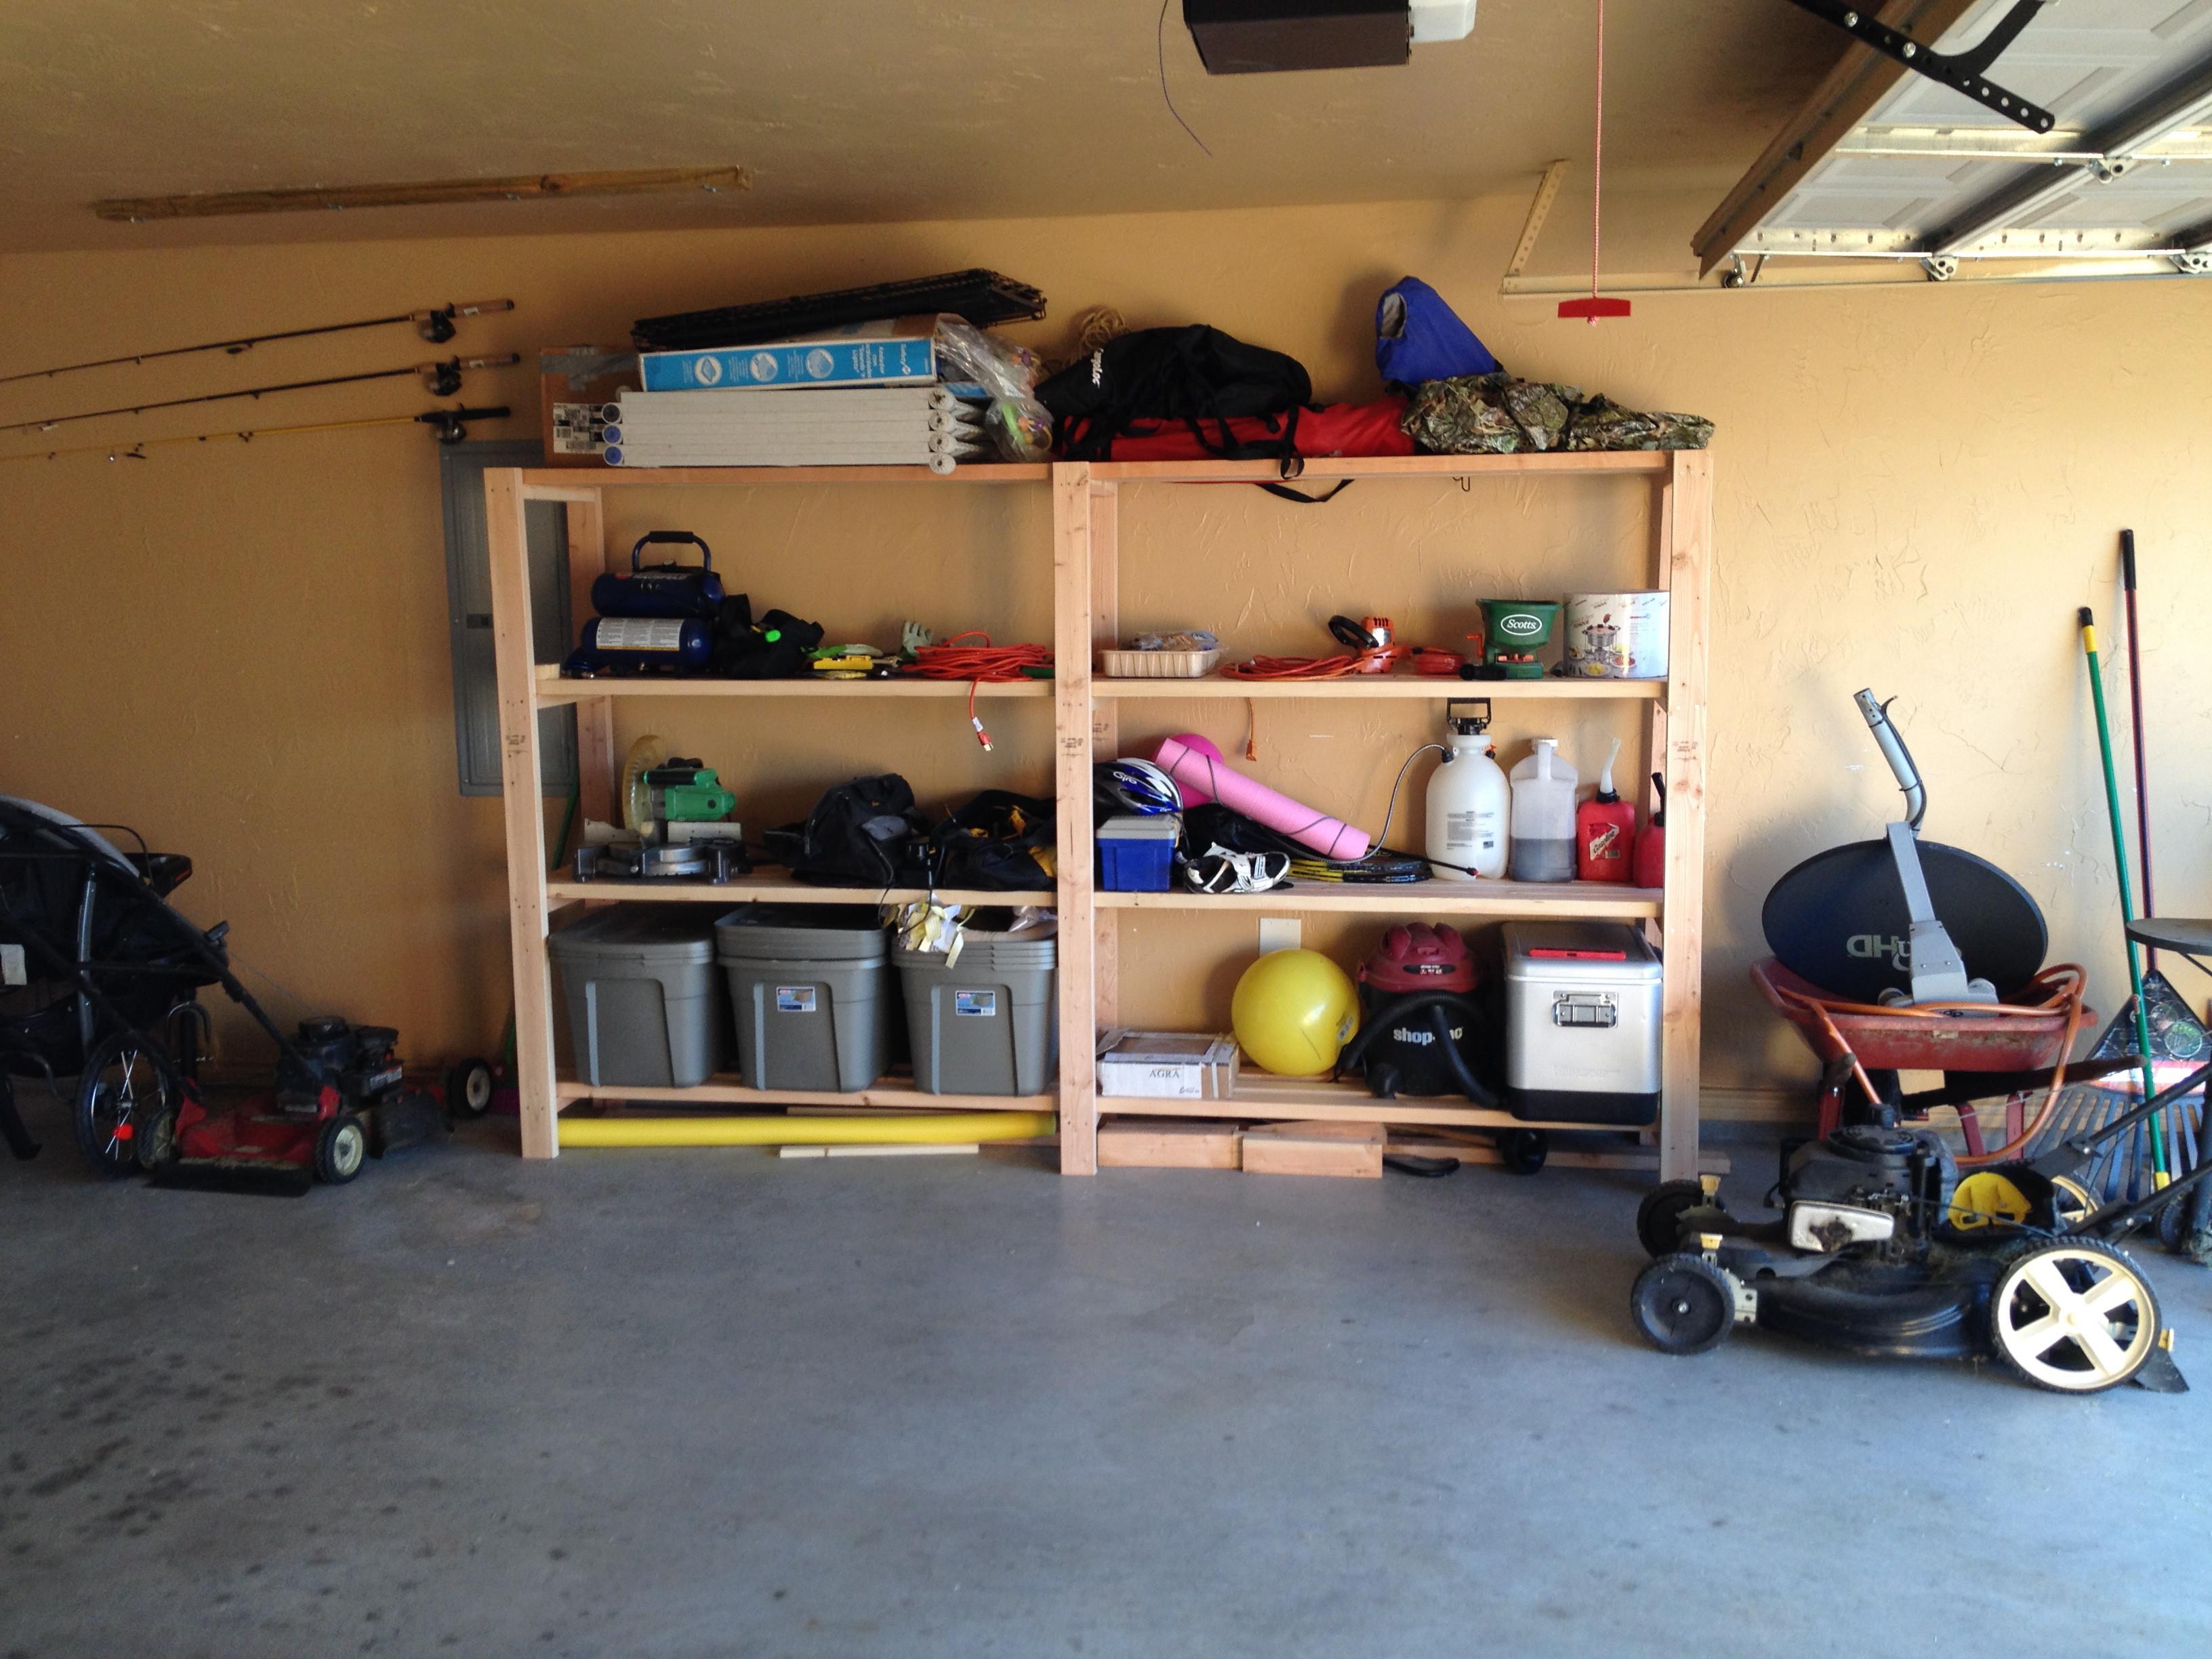 Деревянный стеллаж в гараже – удобный способ хранить вещи различных размеров и веса